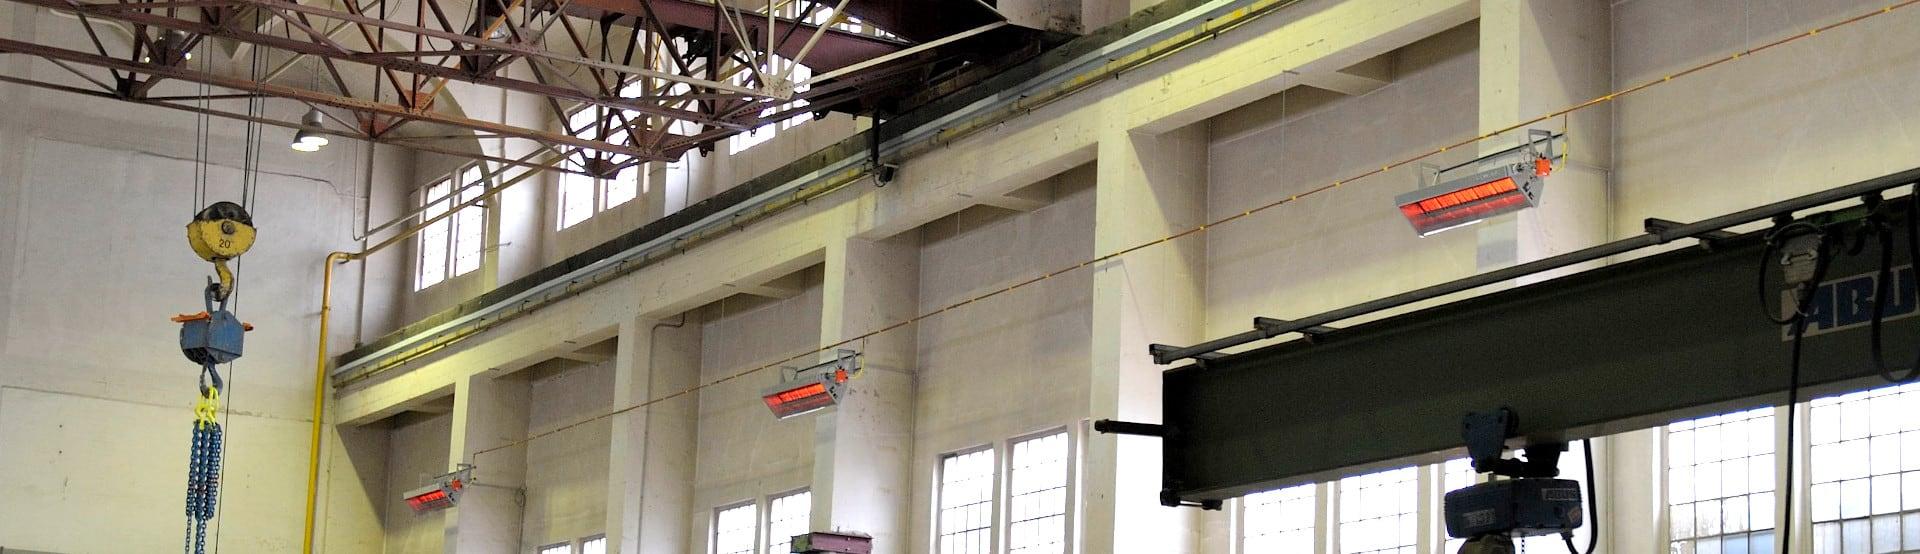 Mehrere Hellstrahler der Firma Schwank an der Wand einer Produktionshalle.